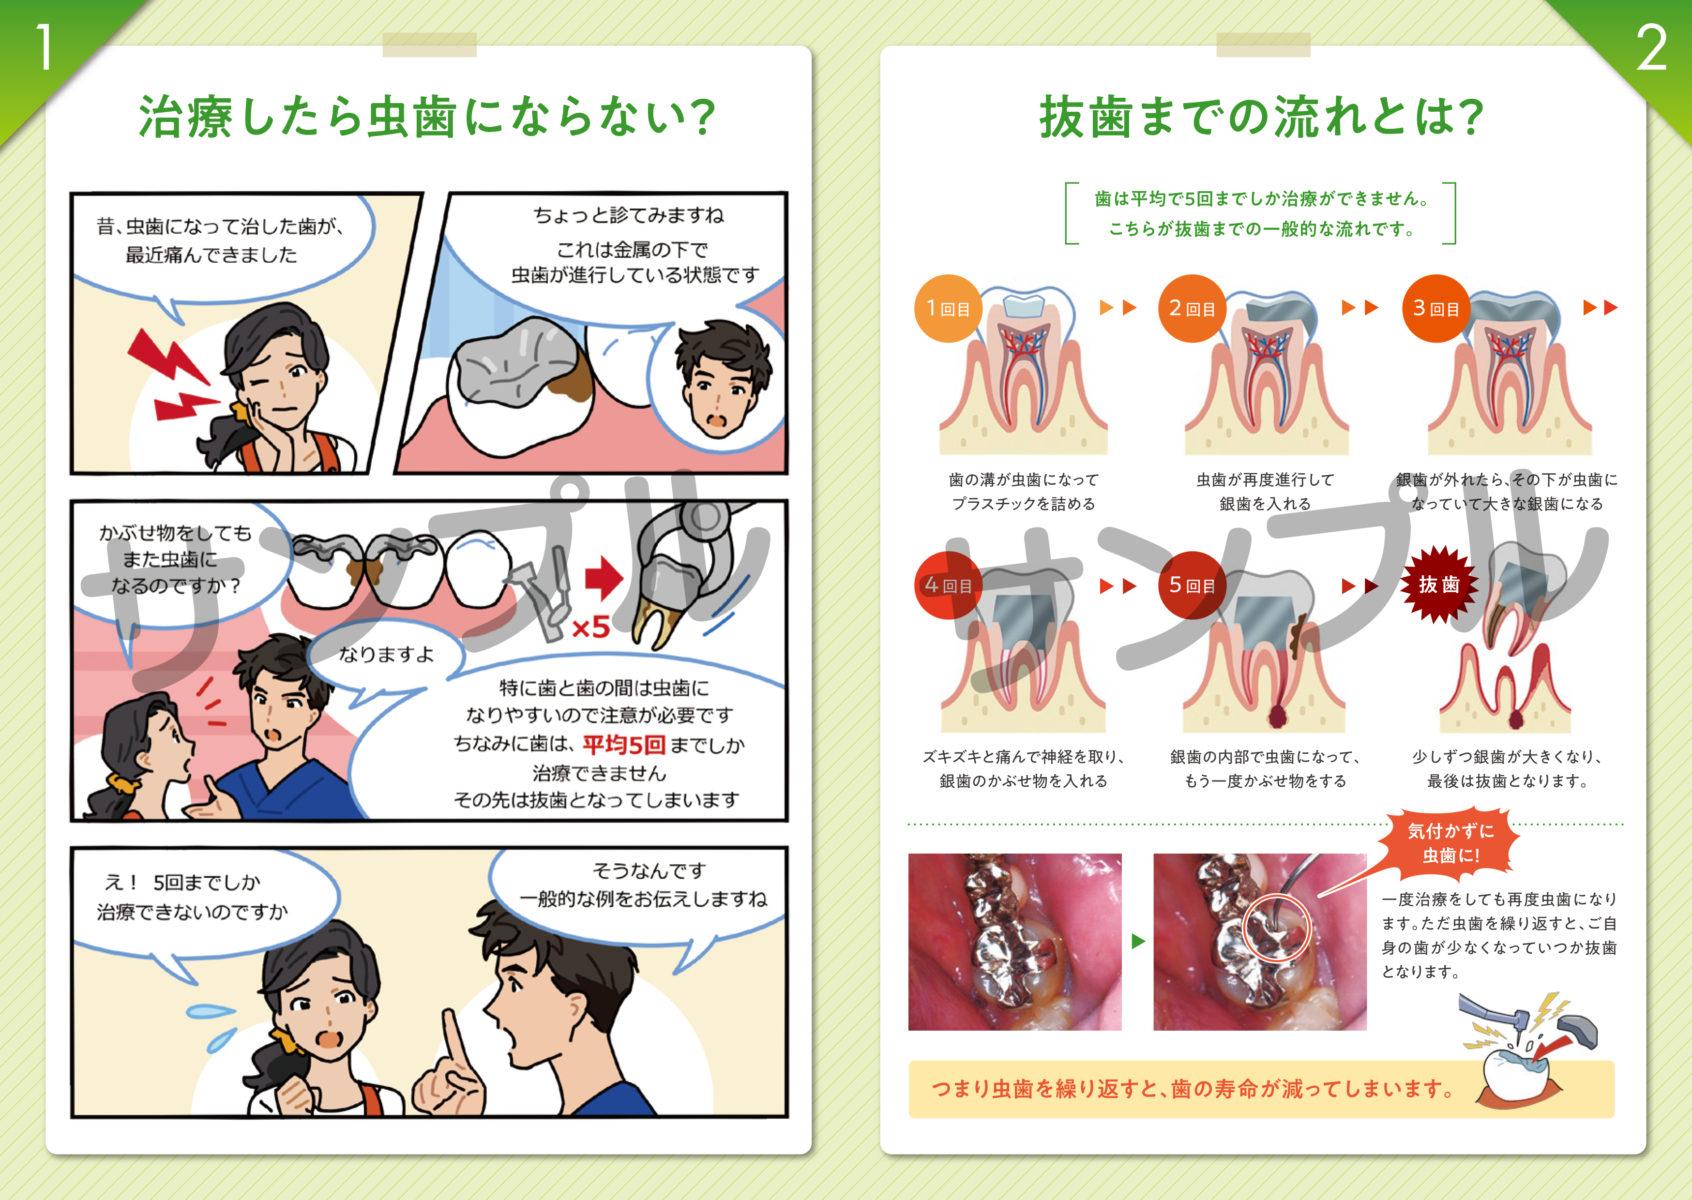 虫歯になる原因とセラミックの効果サンプル画像2